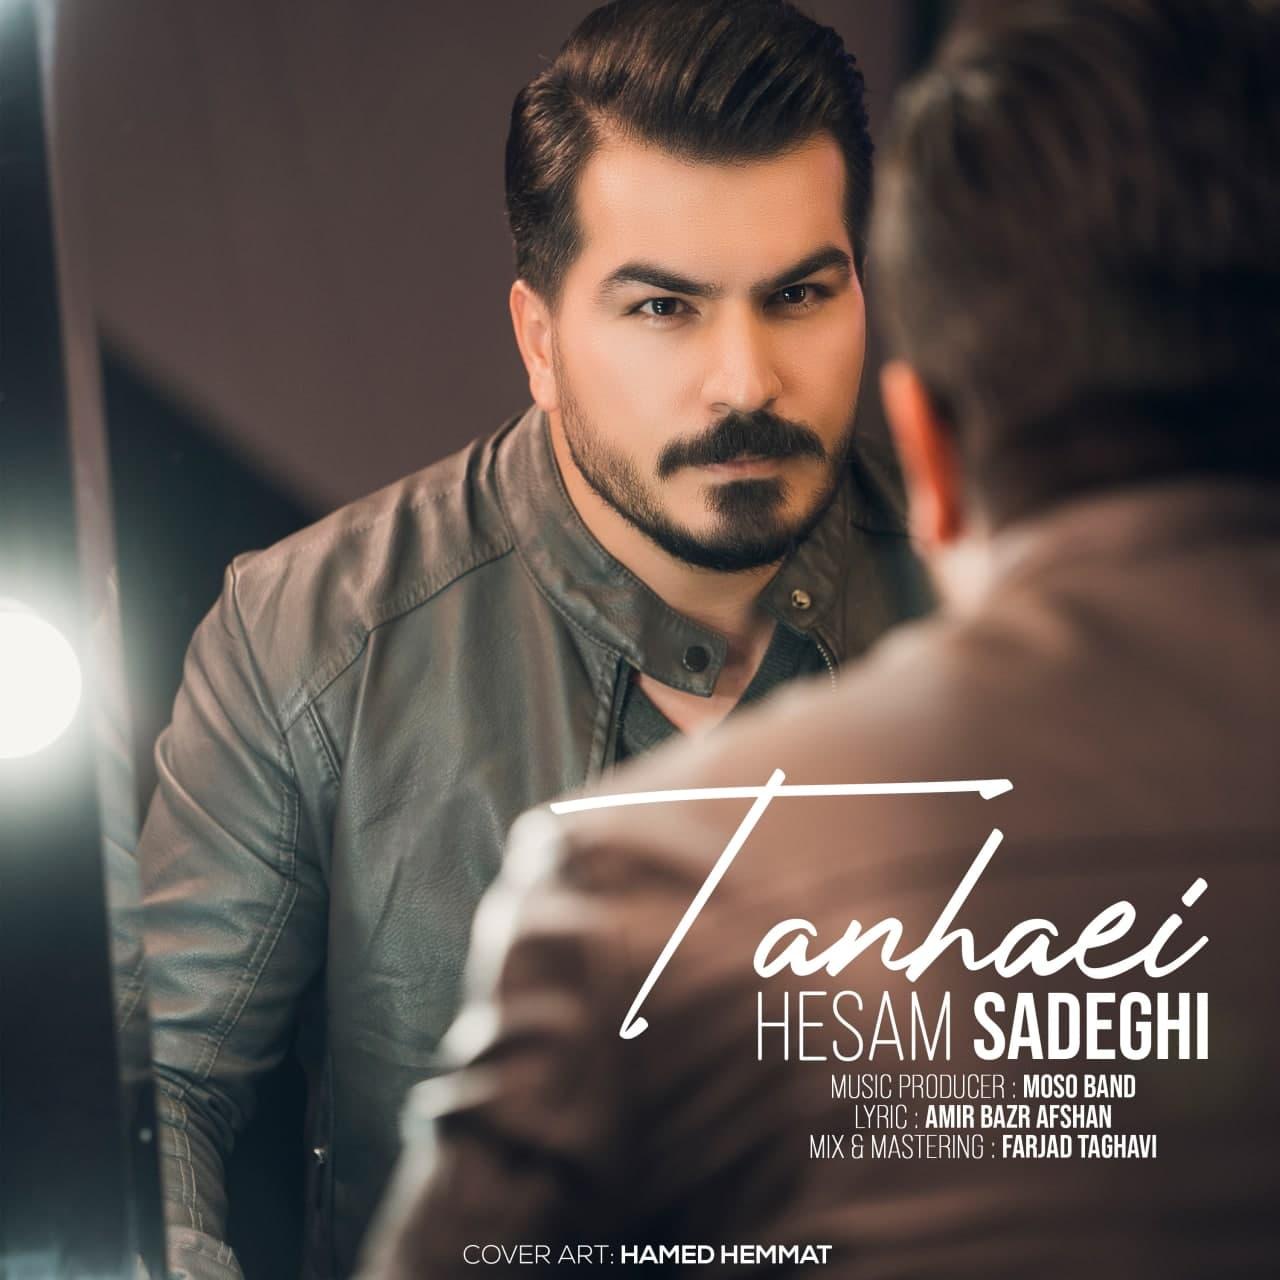 دانلود آهنگ جدید حسام صادقی تنهایی